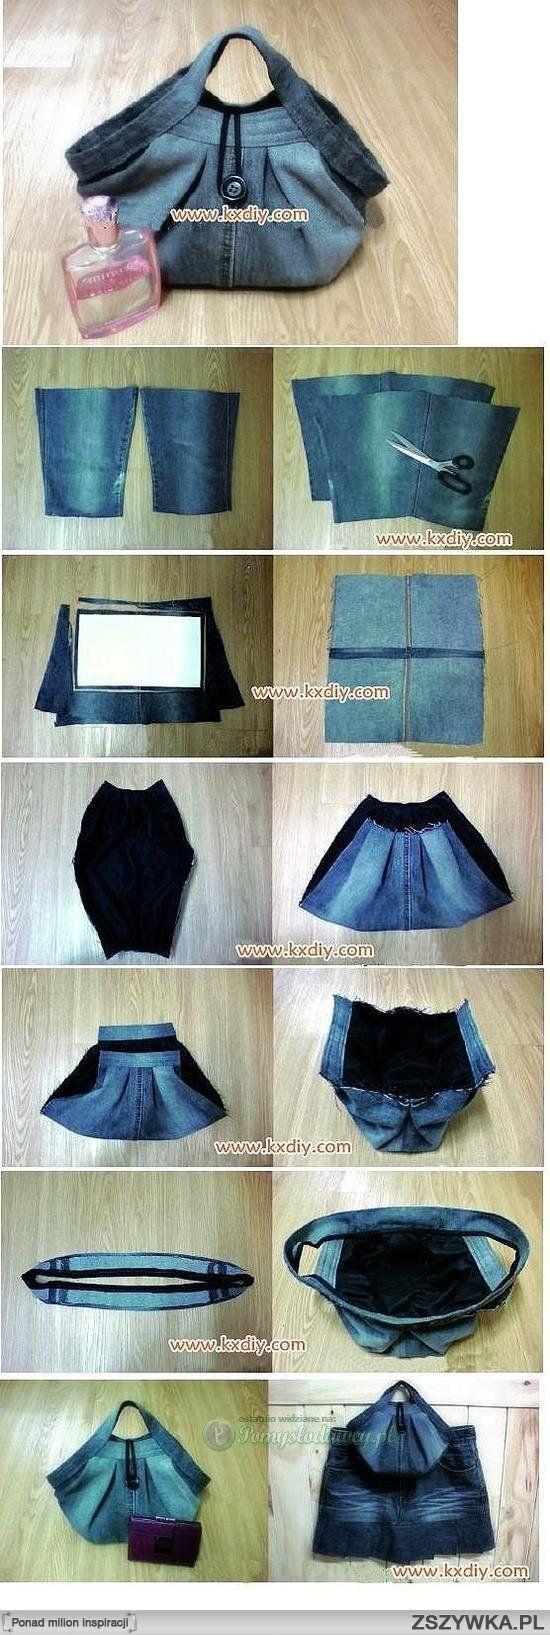 DIY-Handmade/torebka-ze-starych-jeansow